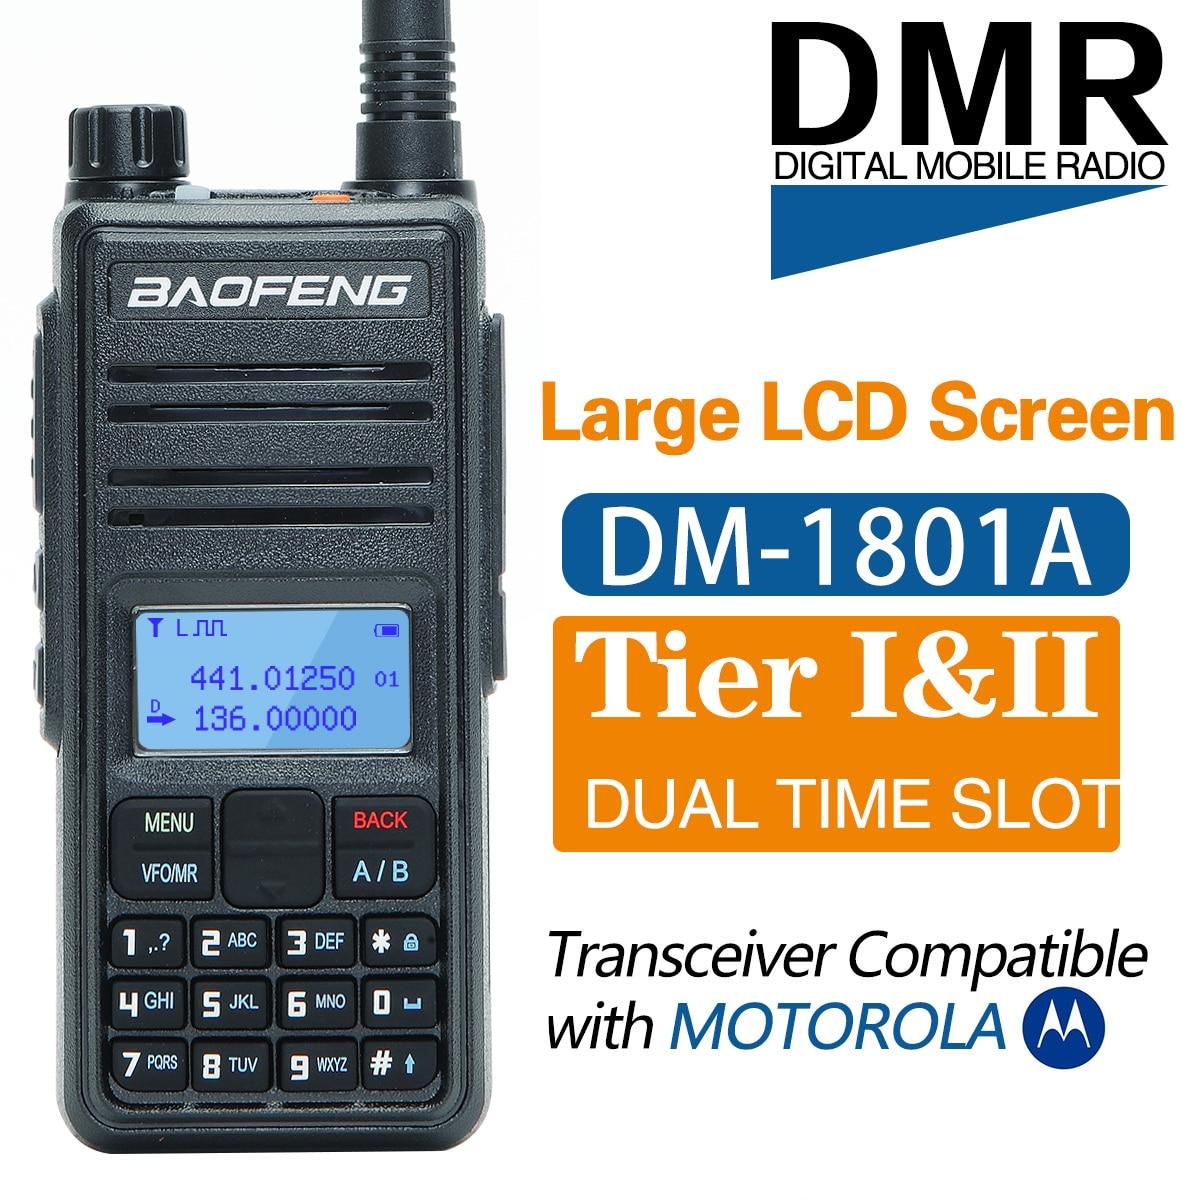 Baofeng DM-1801A اسلكية تخاطب المزدوج الوقت فتحة DMR الطبقة I & II راديو الرقمية التناظرية المزدوج الفرقة 136-174/400-470MHz الصيد DM-5R زائد